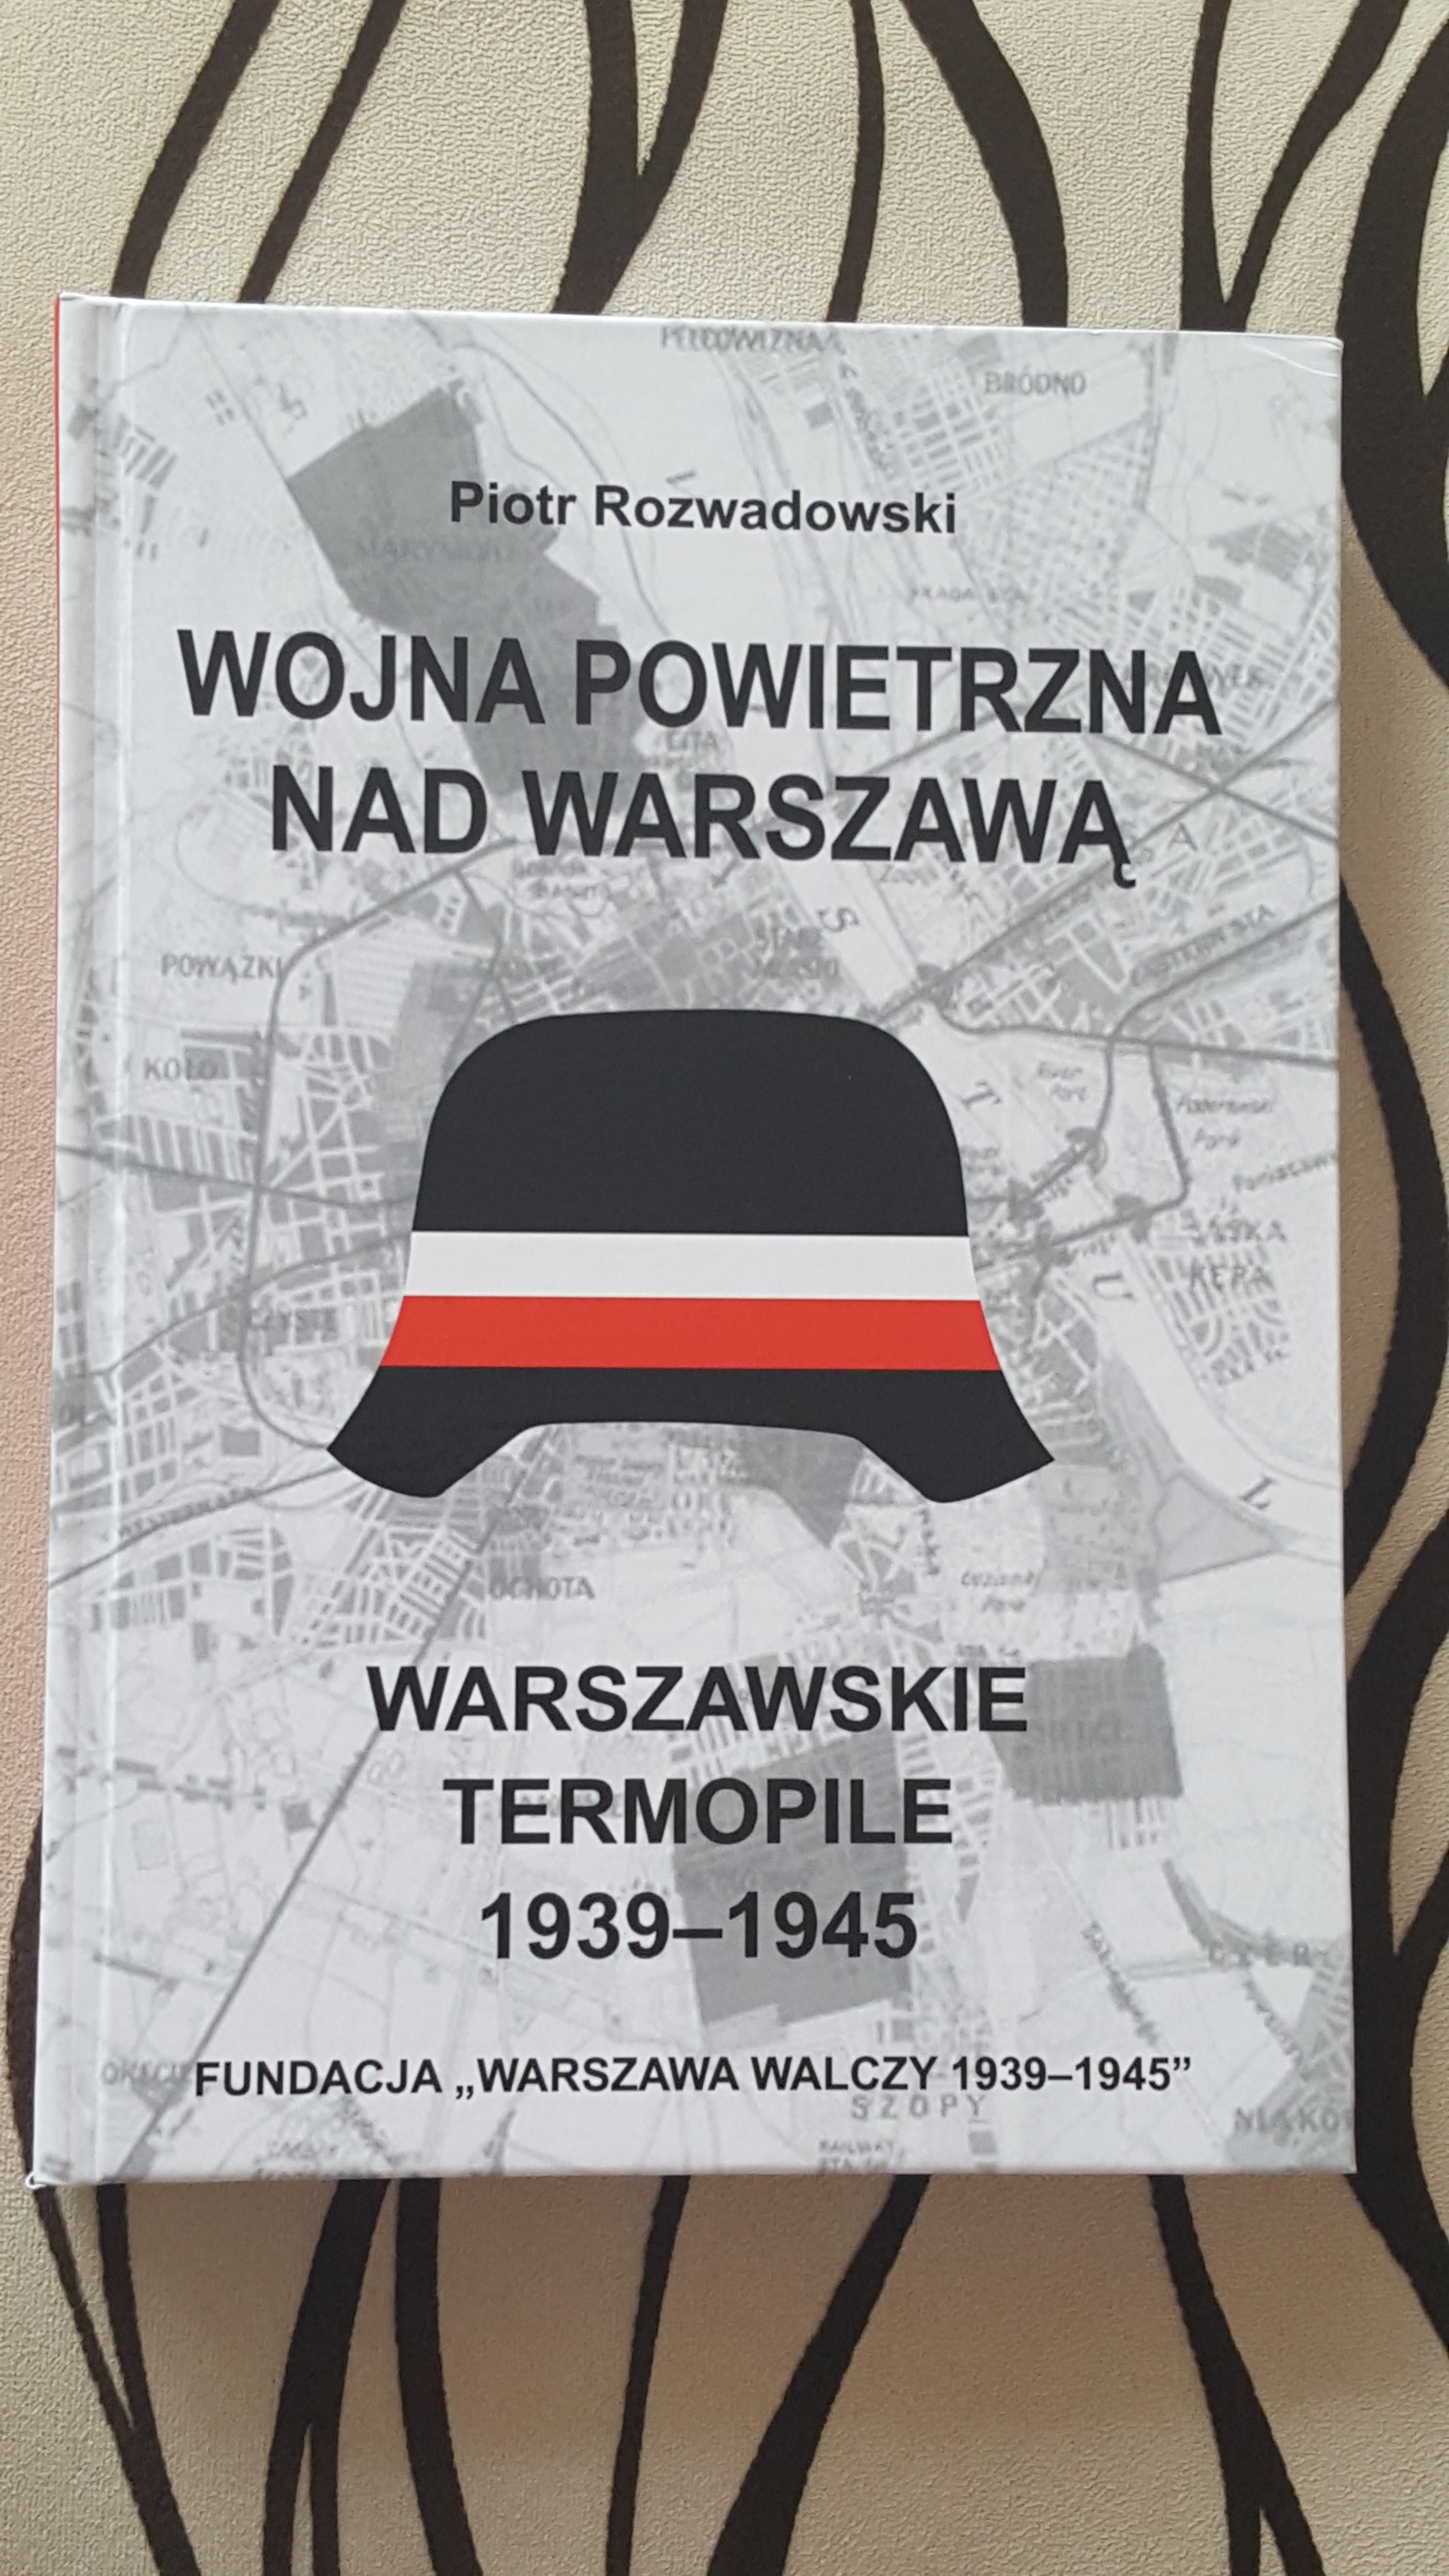 Wojna powietrzna nad Warszawą Warszawskie Termopile (P.Rozwadowski)